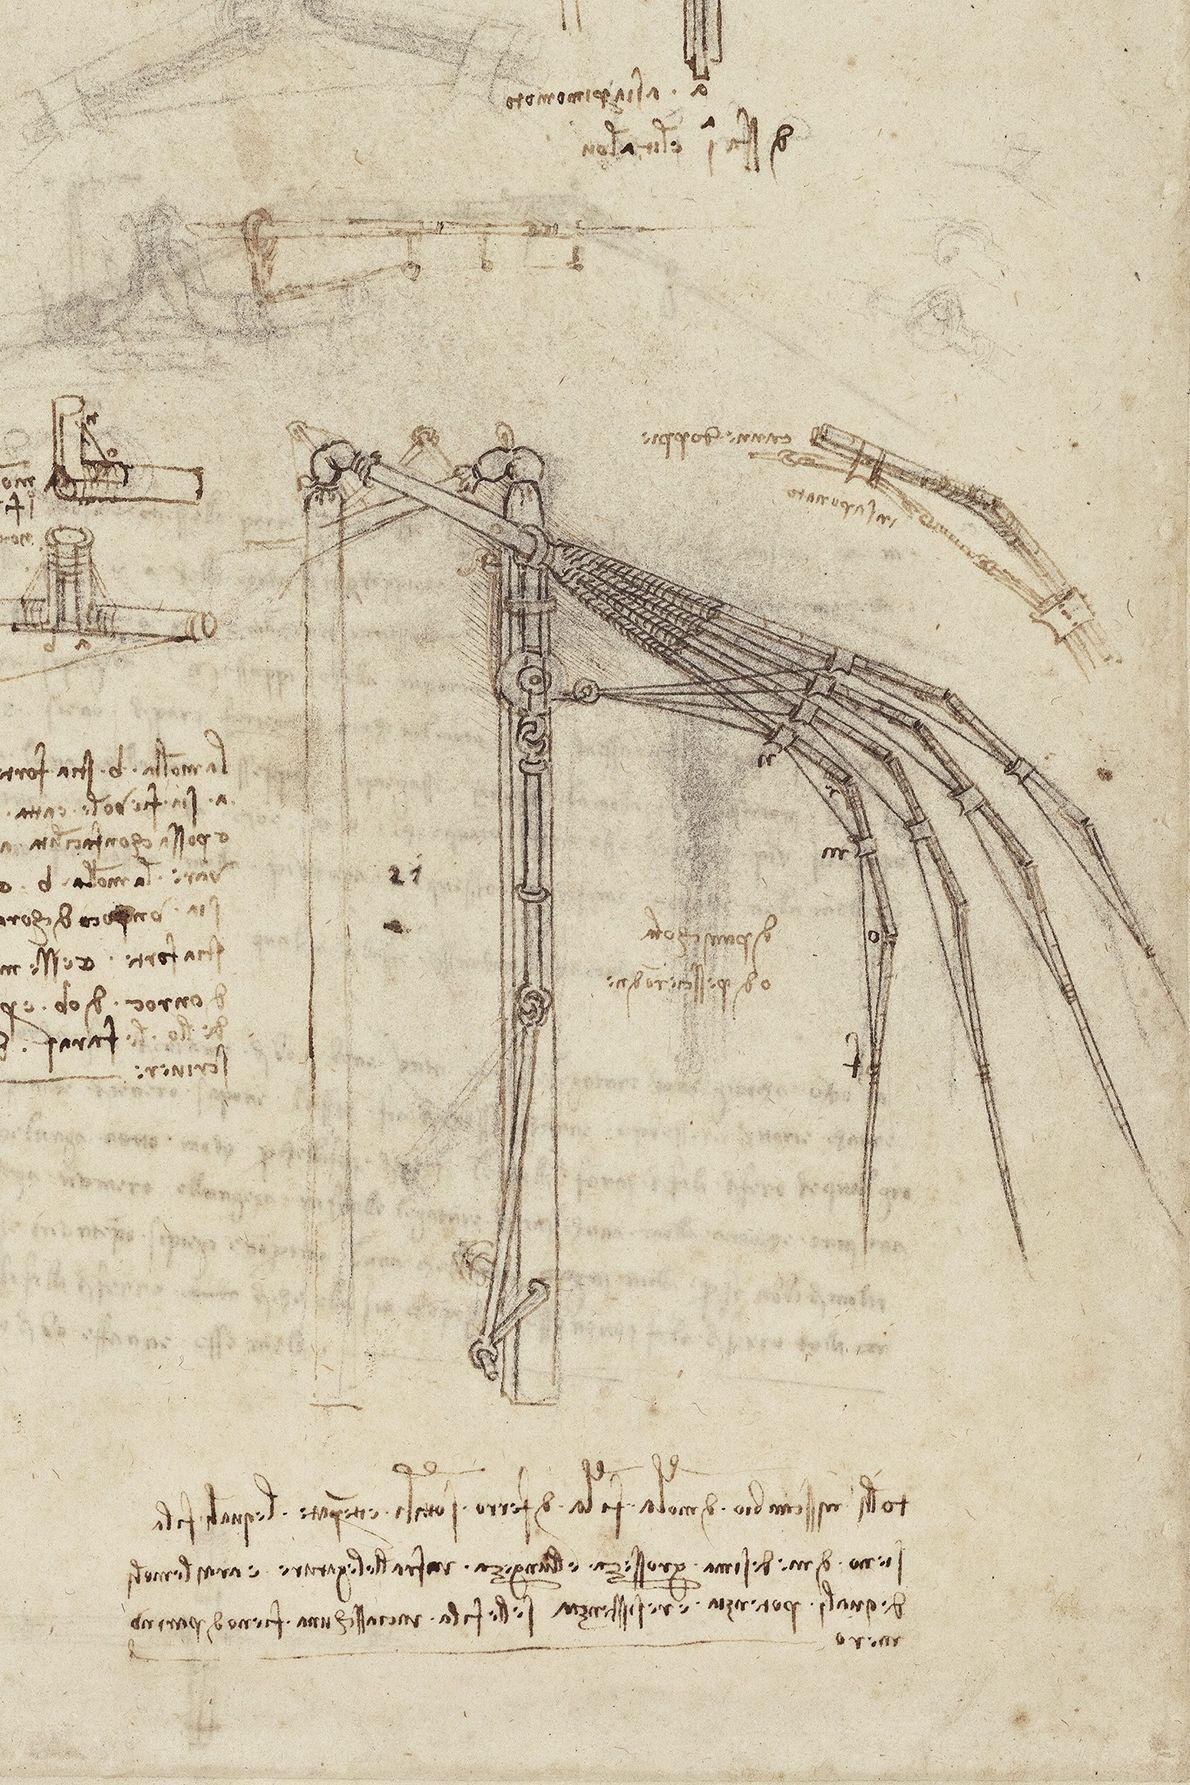 Fasciné par les principes d'ingénierie, Léonard a conçu des plans pour des ponts, des bâtiments et ...